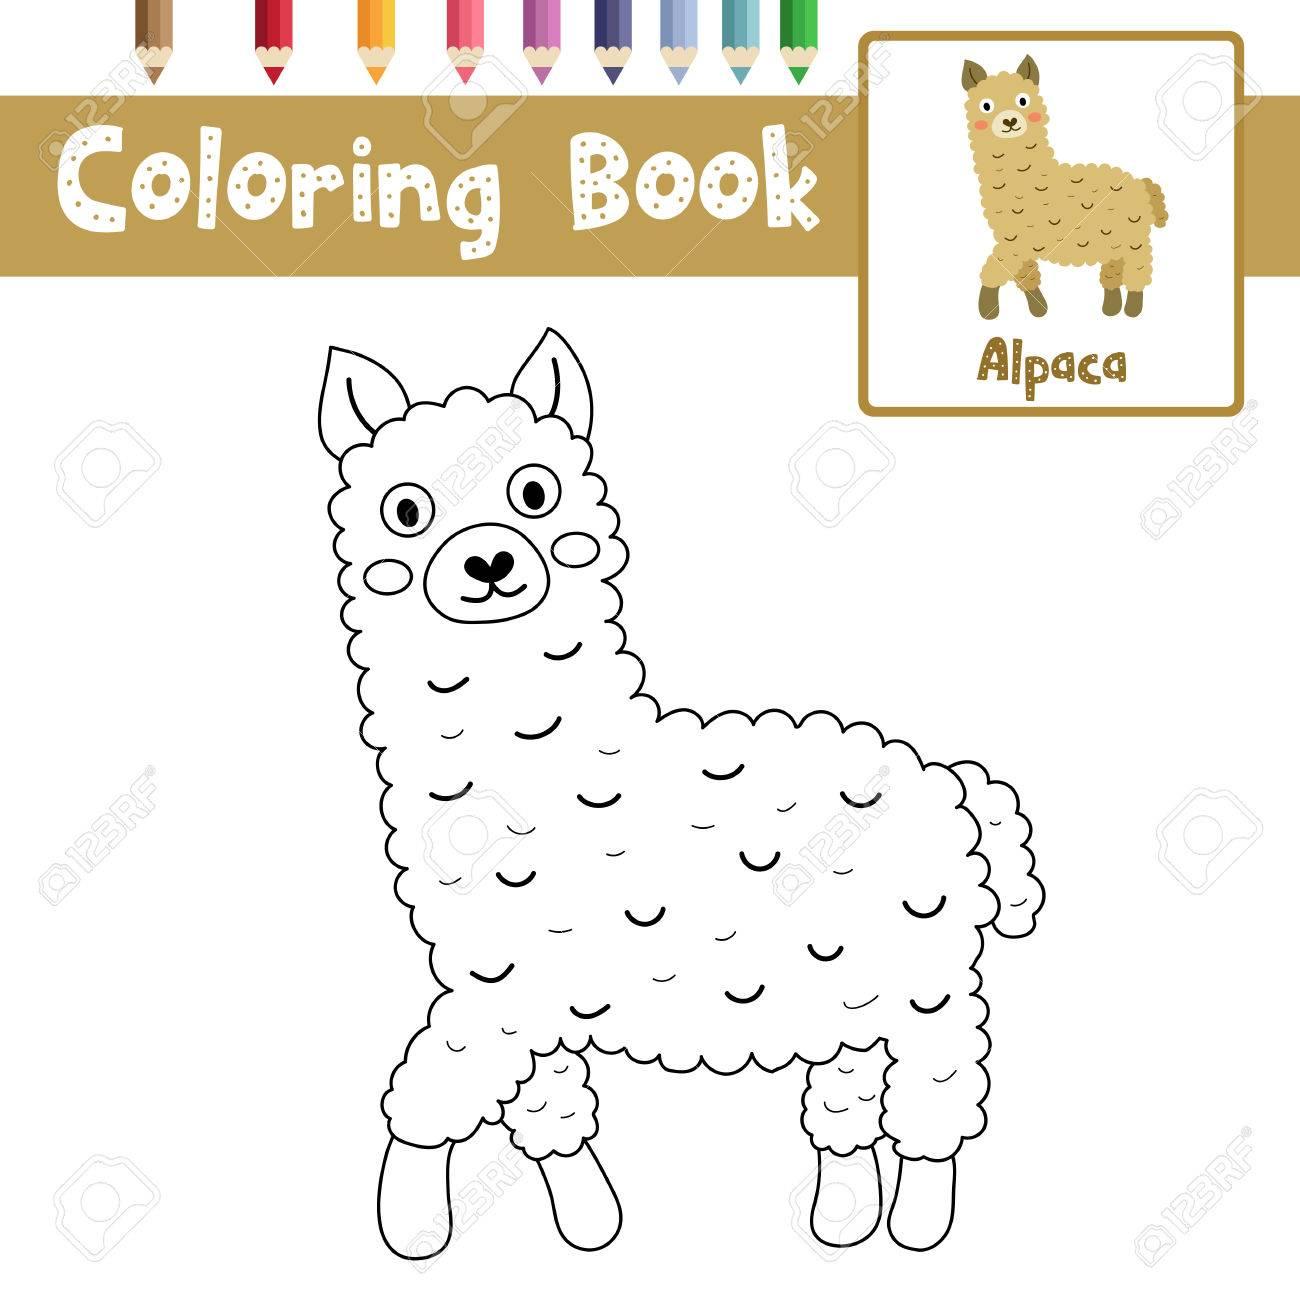 Dibujo Para Colorear De Animales De Alpaca Marrón Para Niños Preescolares Actividad Hoja De Trabajo Educativa Ilustración Vectorial